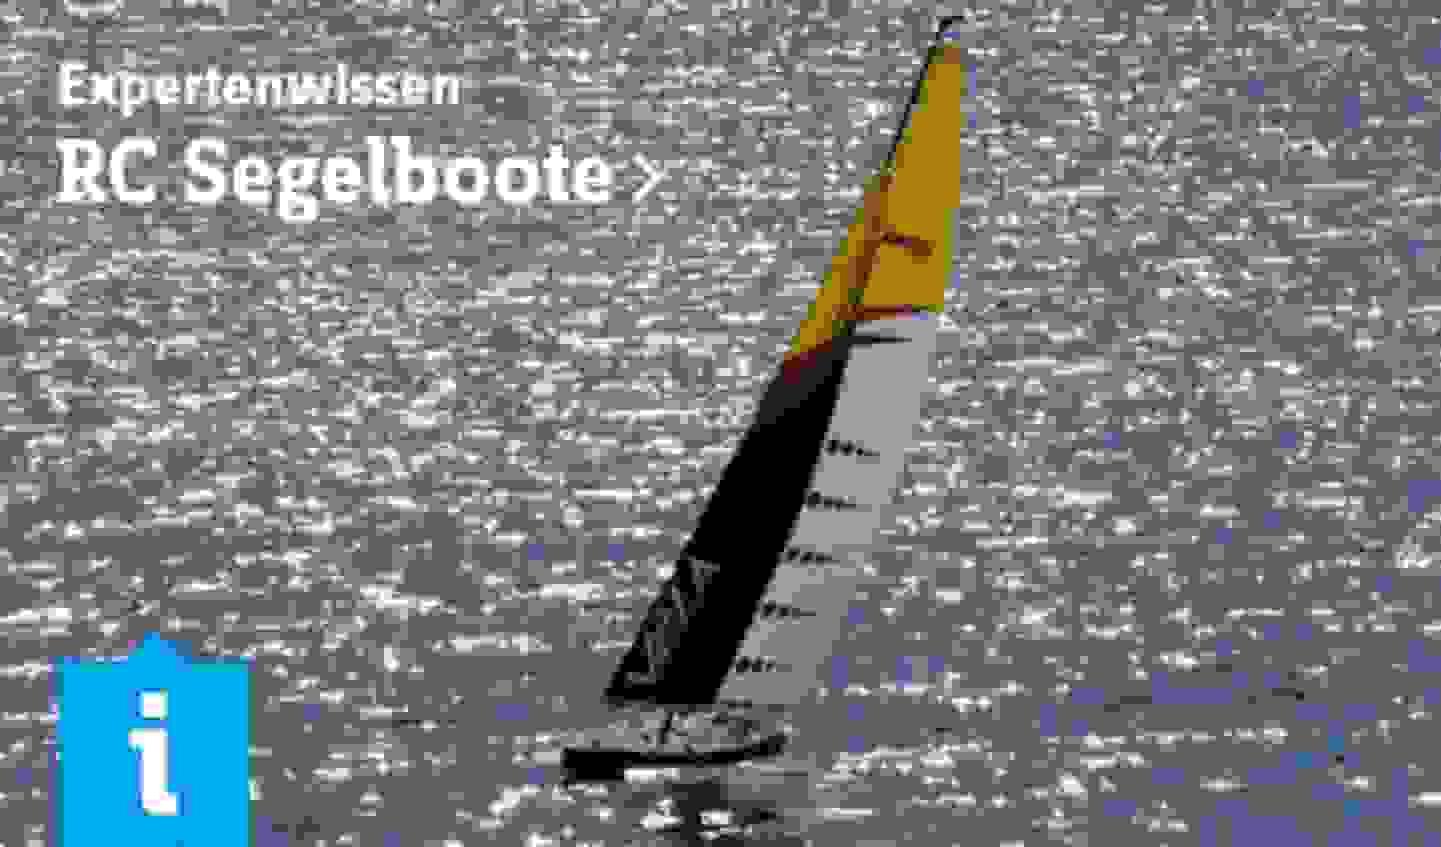 Expertenwissen: RC Segelboote